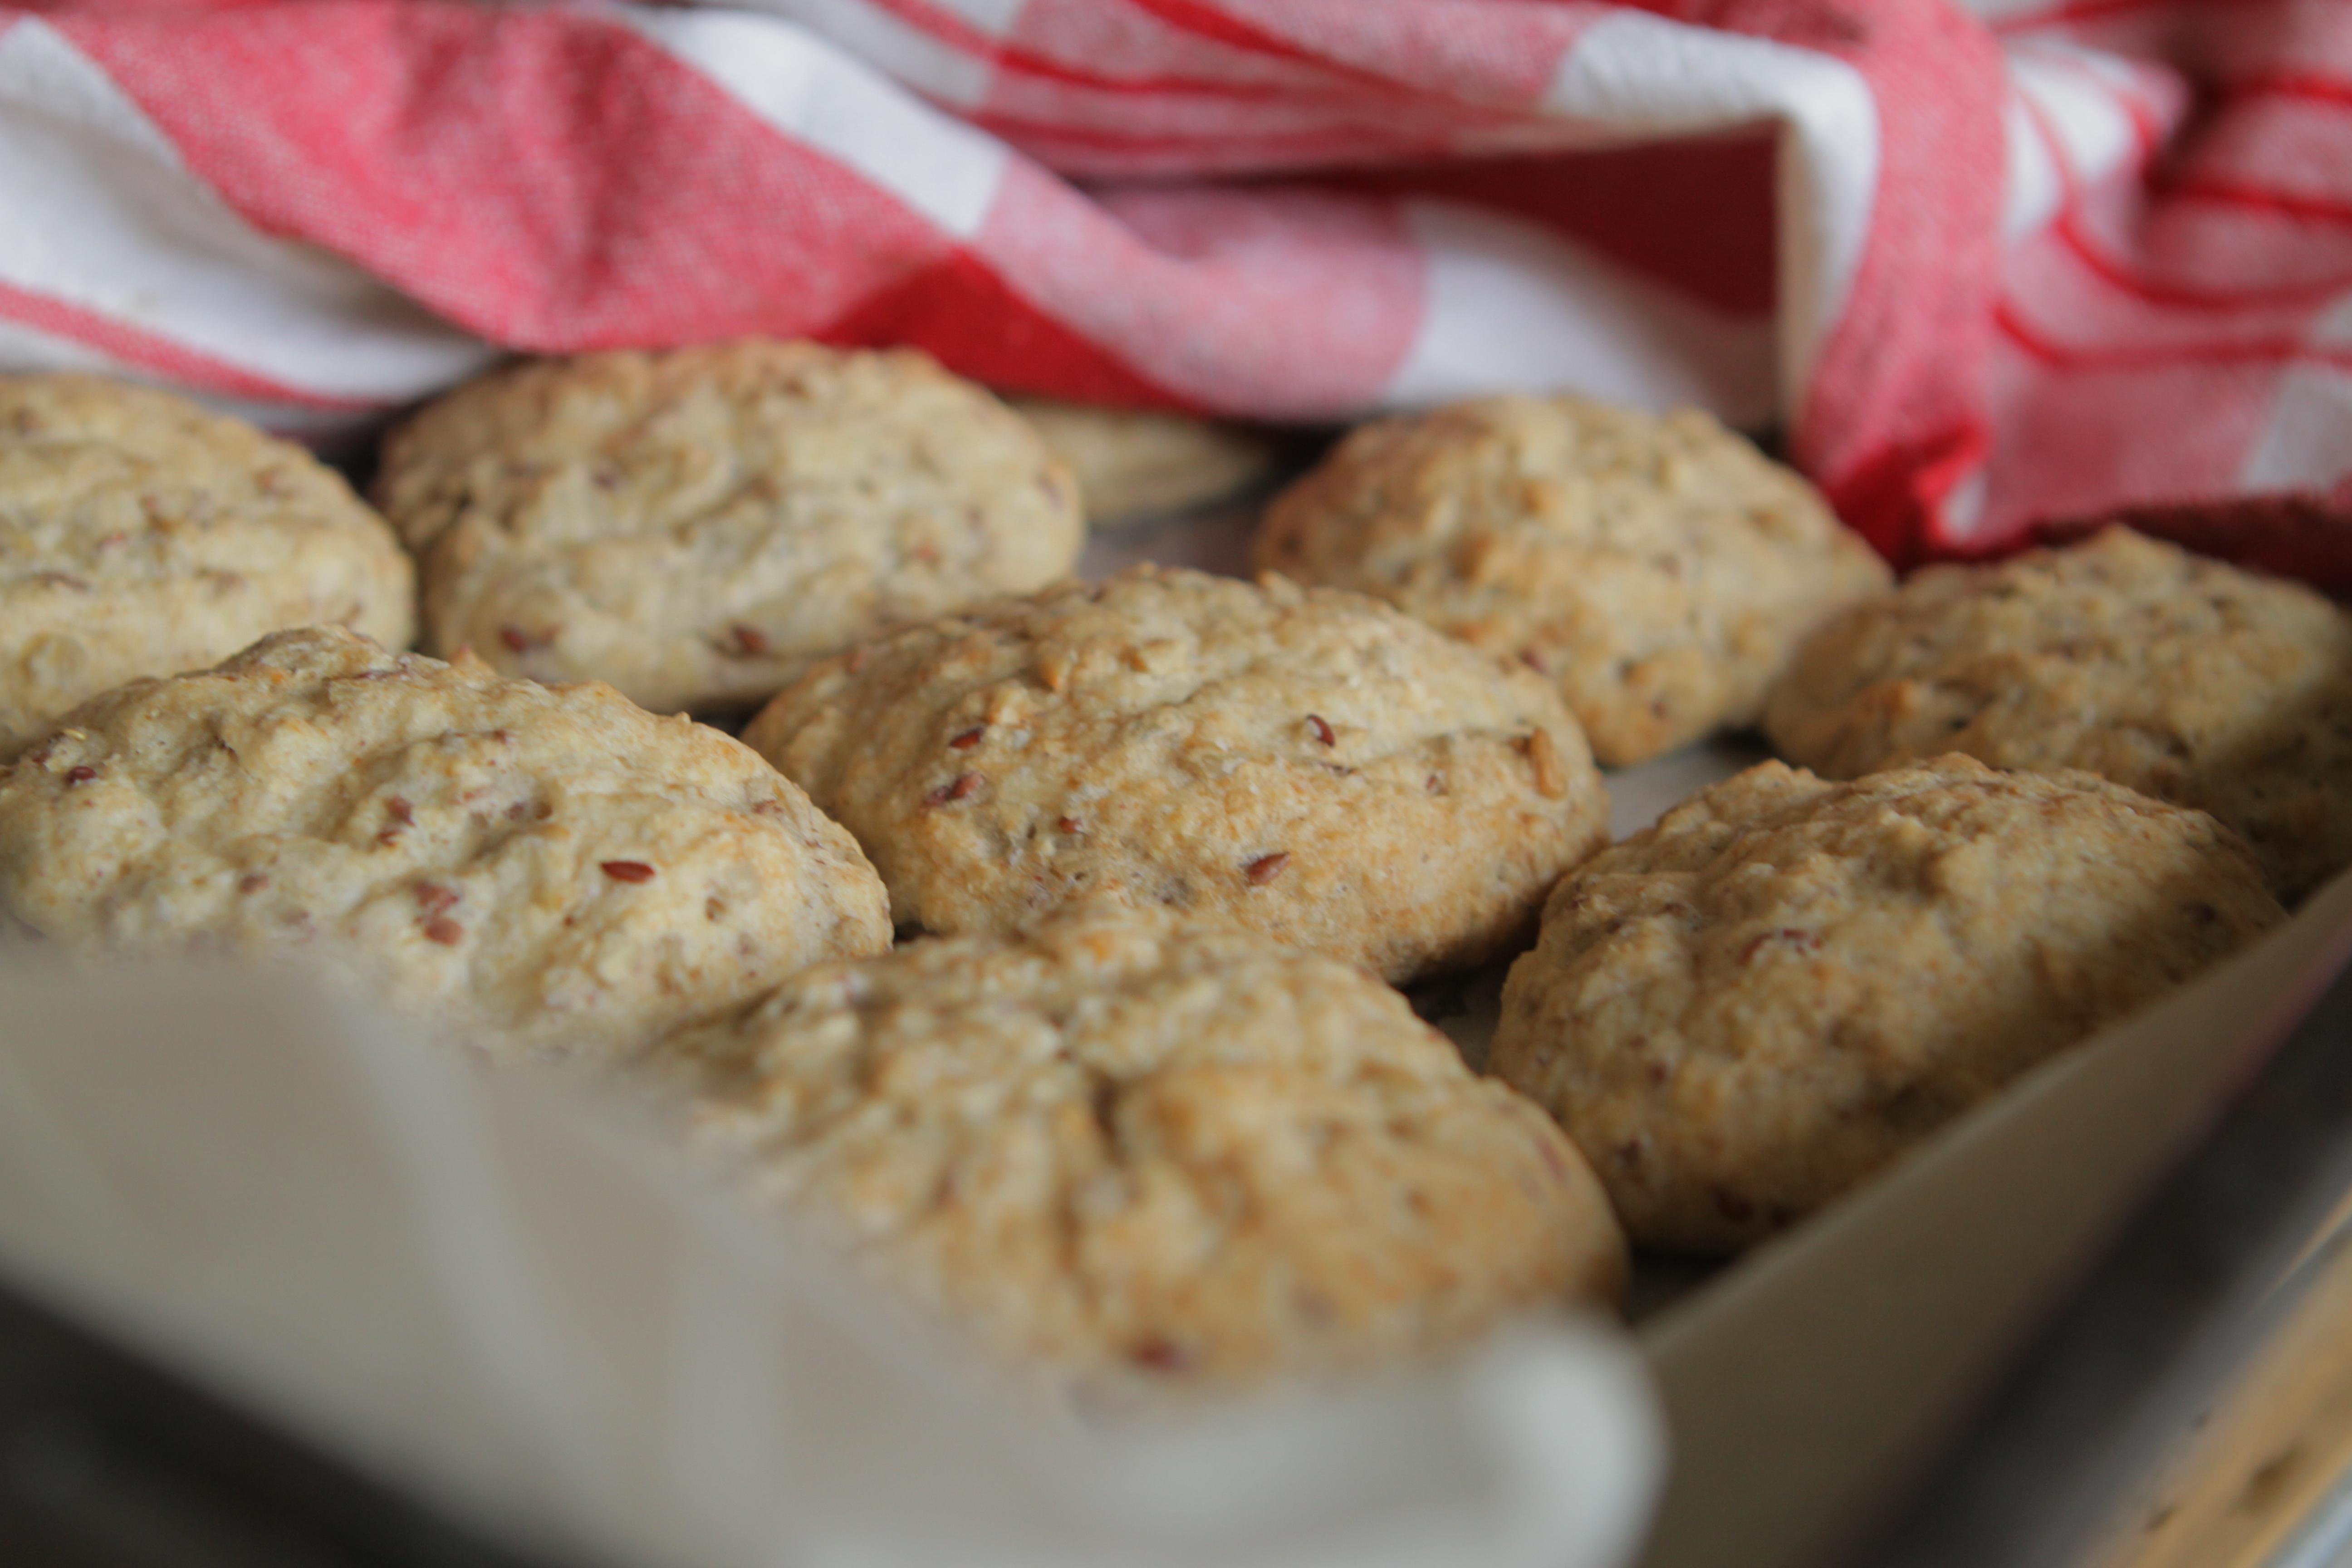 Gluteeniton leivonta, parhaat gluteenittomat sämpylät, helpot sämpylät, helpot gluteenittomat sämpylät, gluteeniton, gluteenittomat leivonnaiset, miten tehdään gluteeniton, sämpyläohje, gluteeniton resepti, sämpylät gluteenittomana, psyllium,